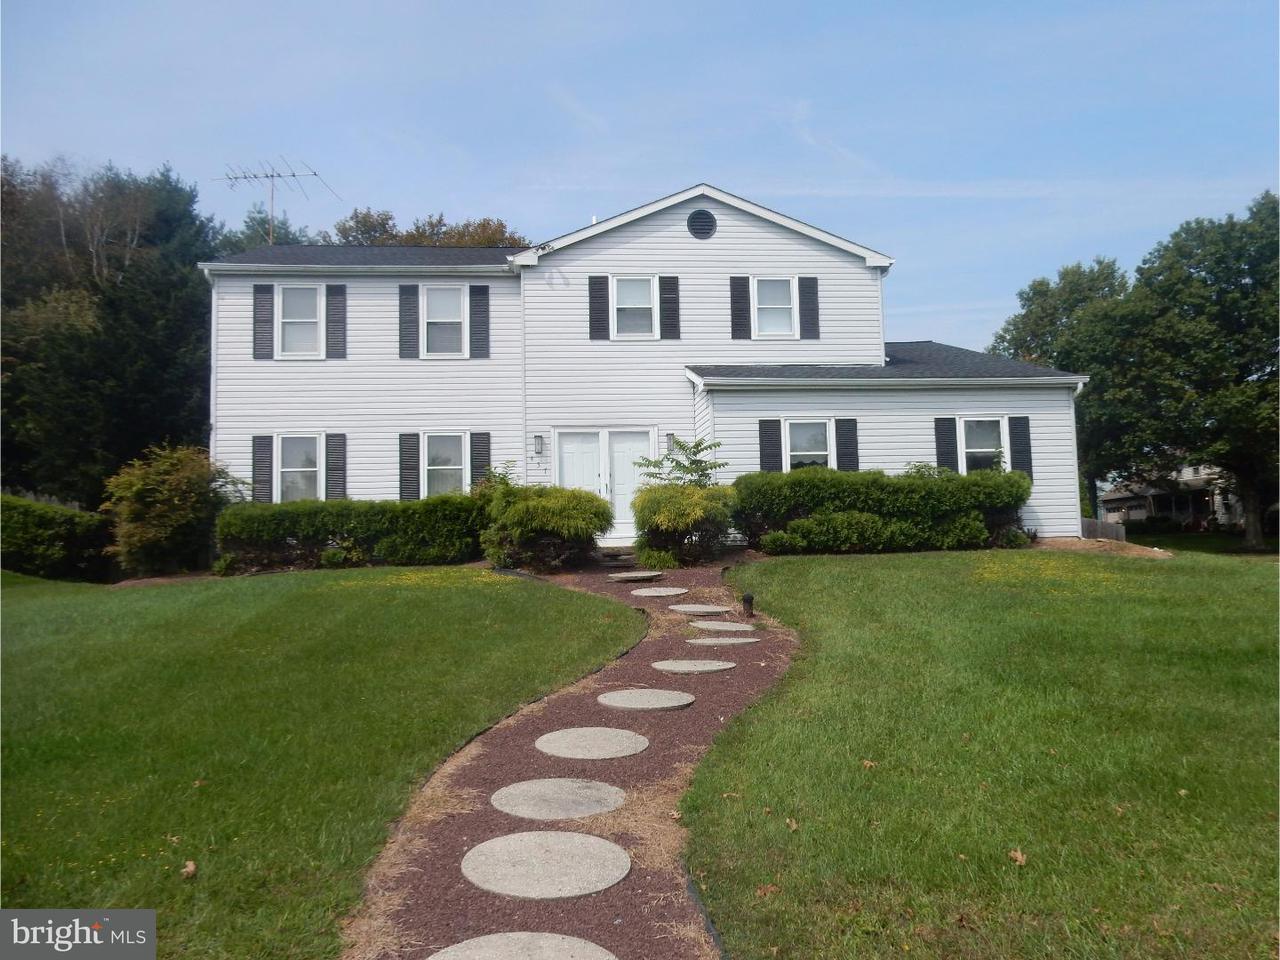 Частный односемейный дом для того Продажа на 437 FOX HOLLOW Drive Feasterville Trevose, Пенсильвания 19053 Соединенные Штаты